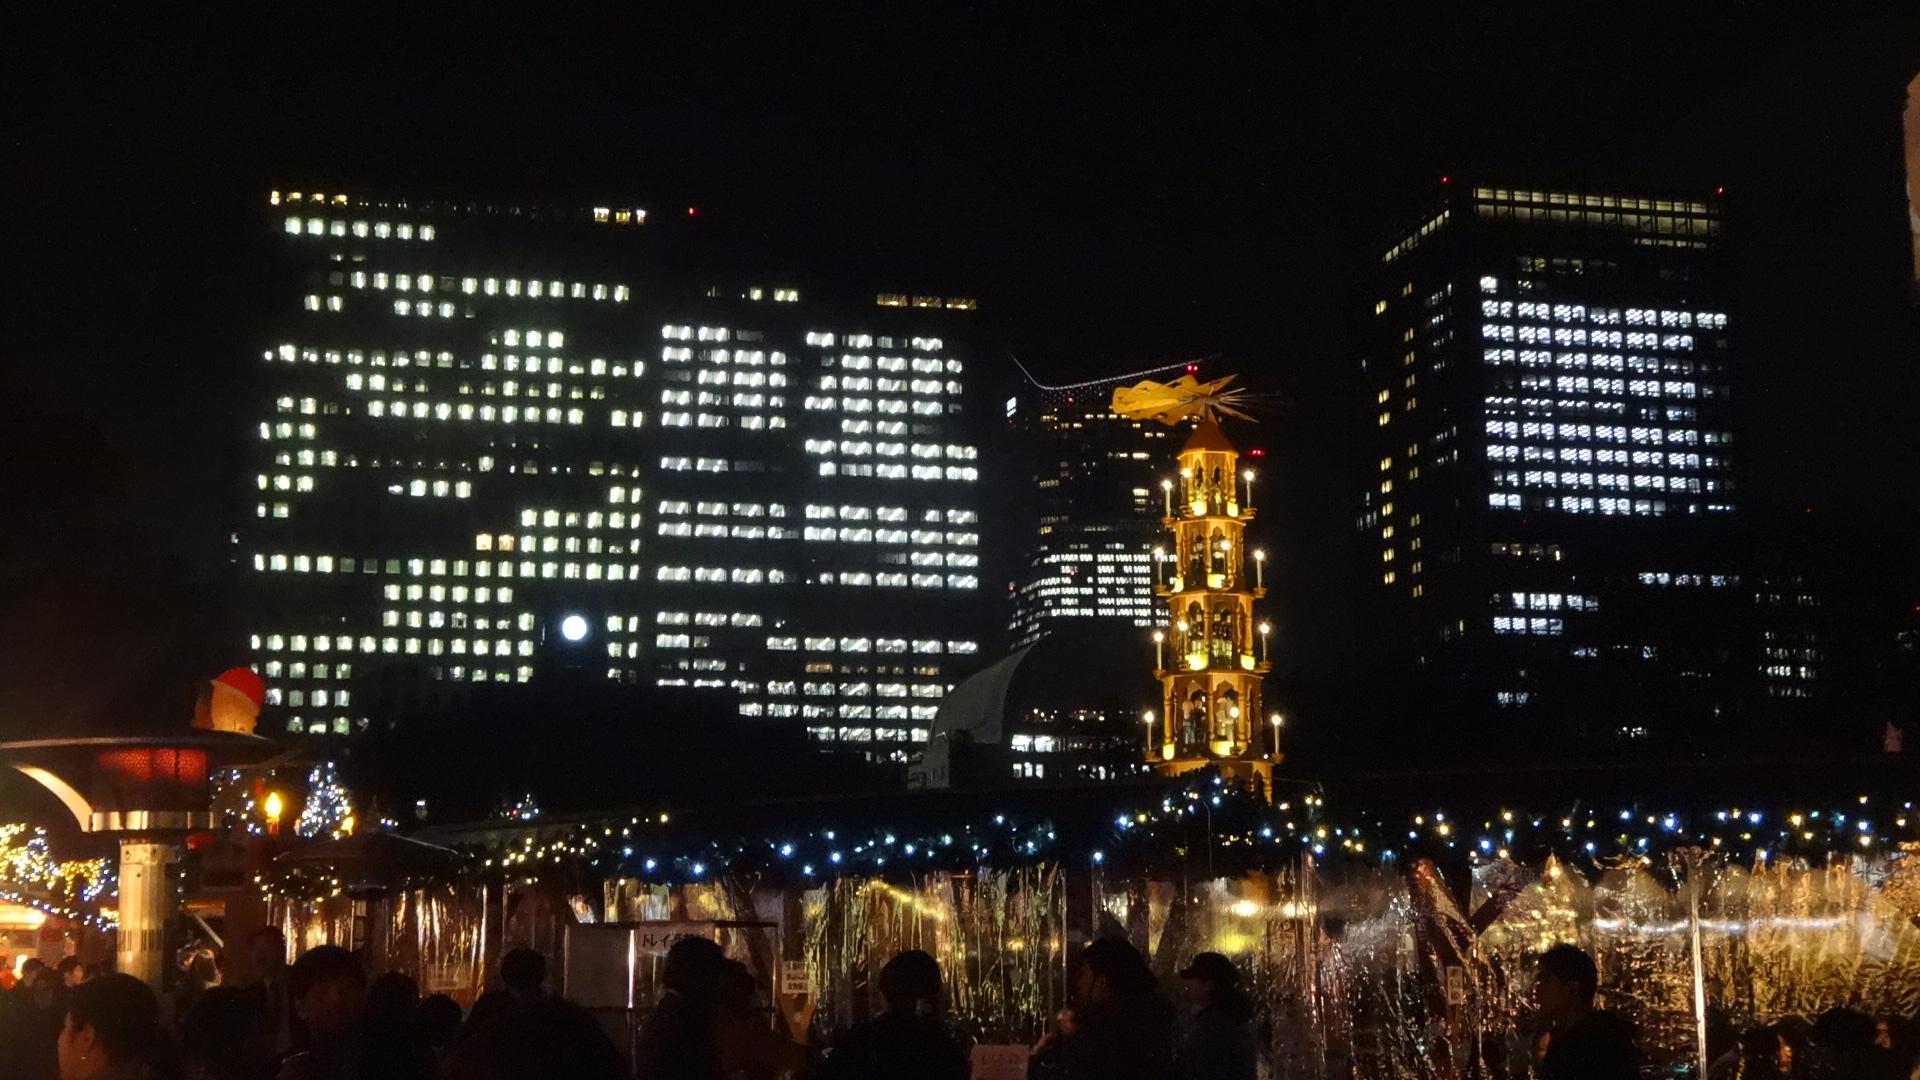 高層ビル群のライトアップをバックに立つクリスマスタワー